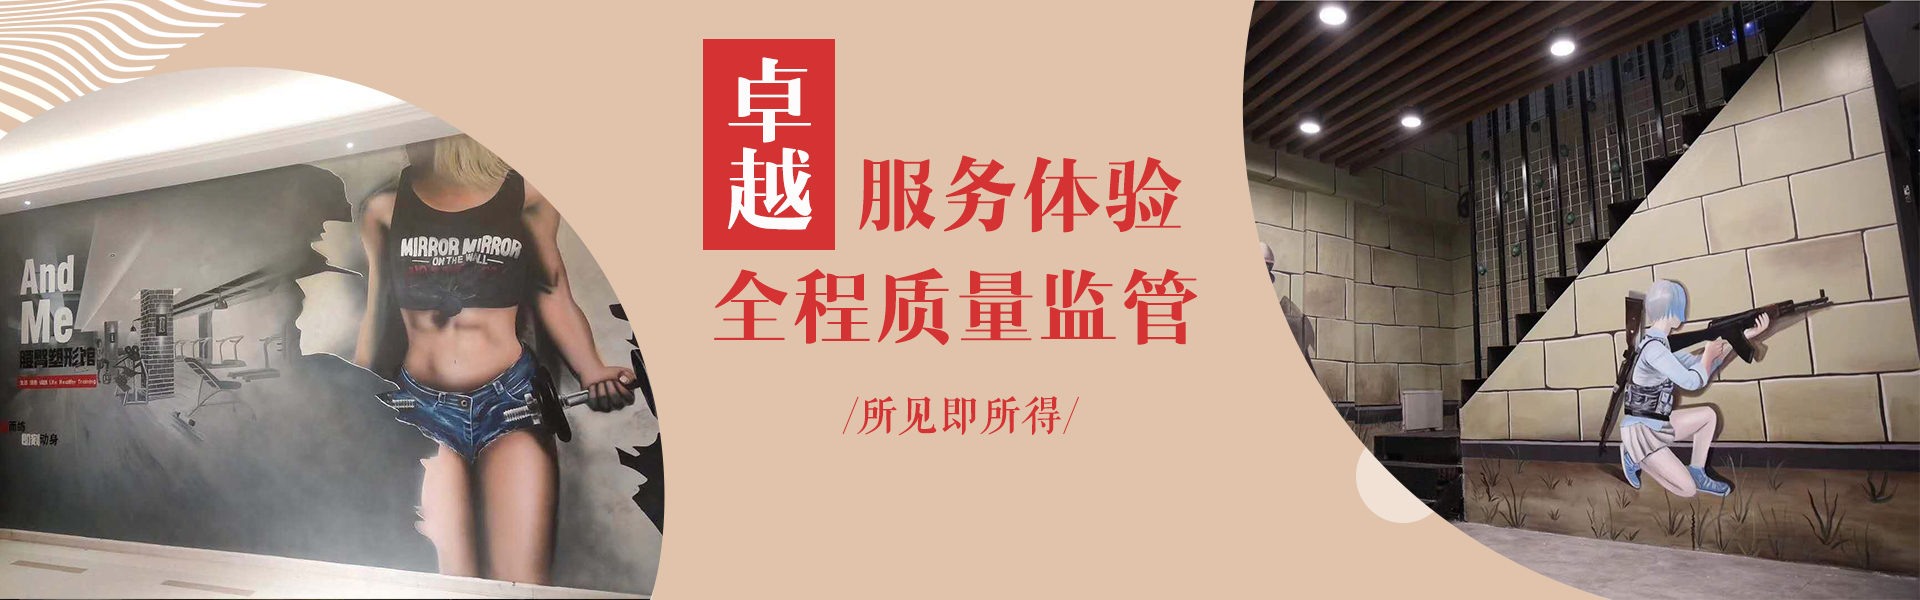 惠州墻繪壁畫